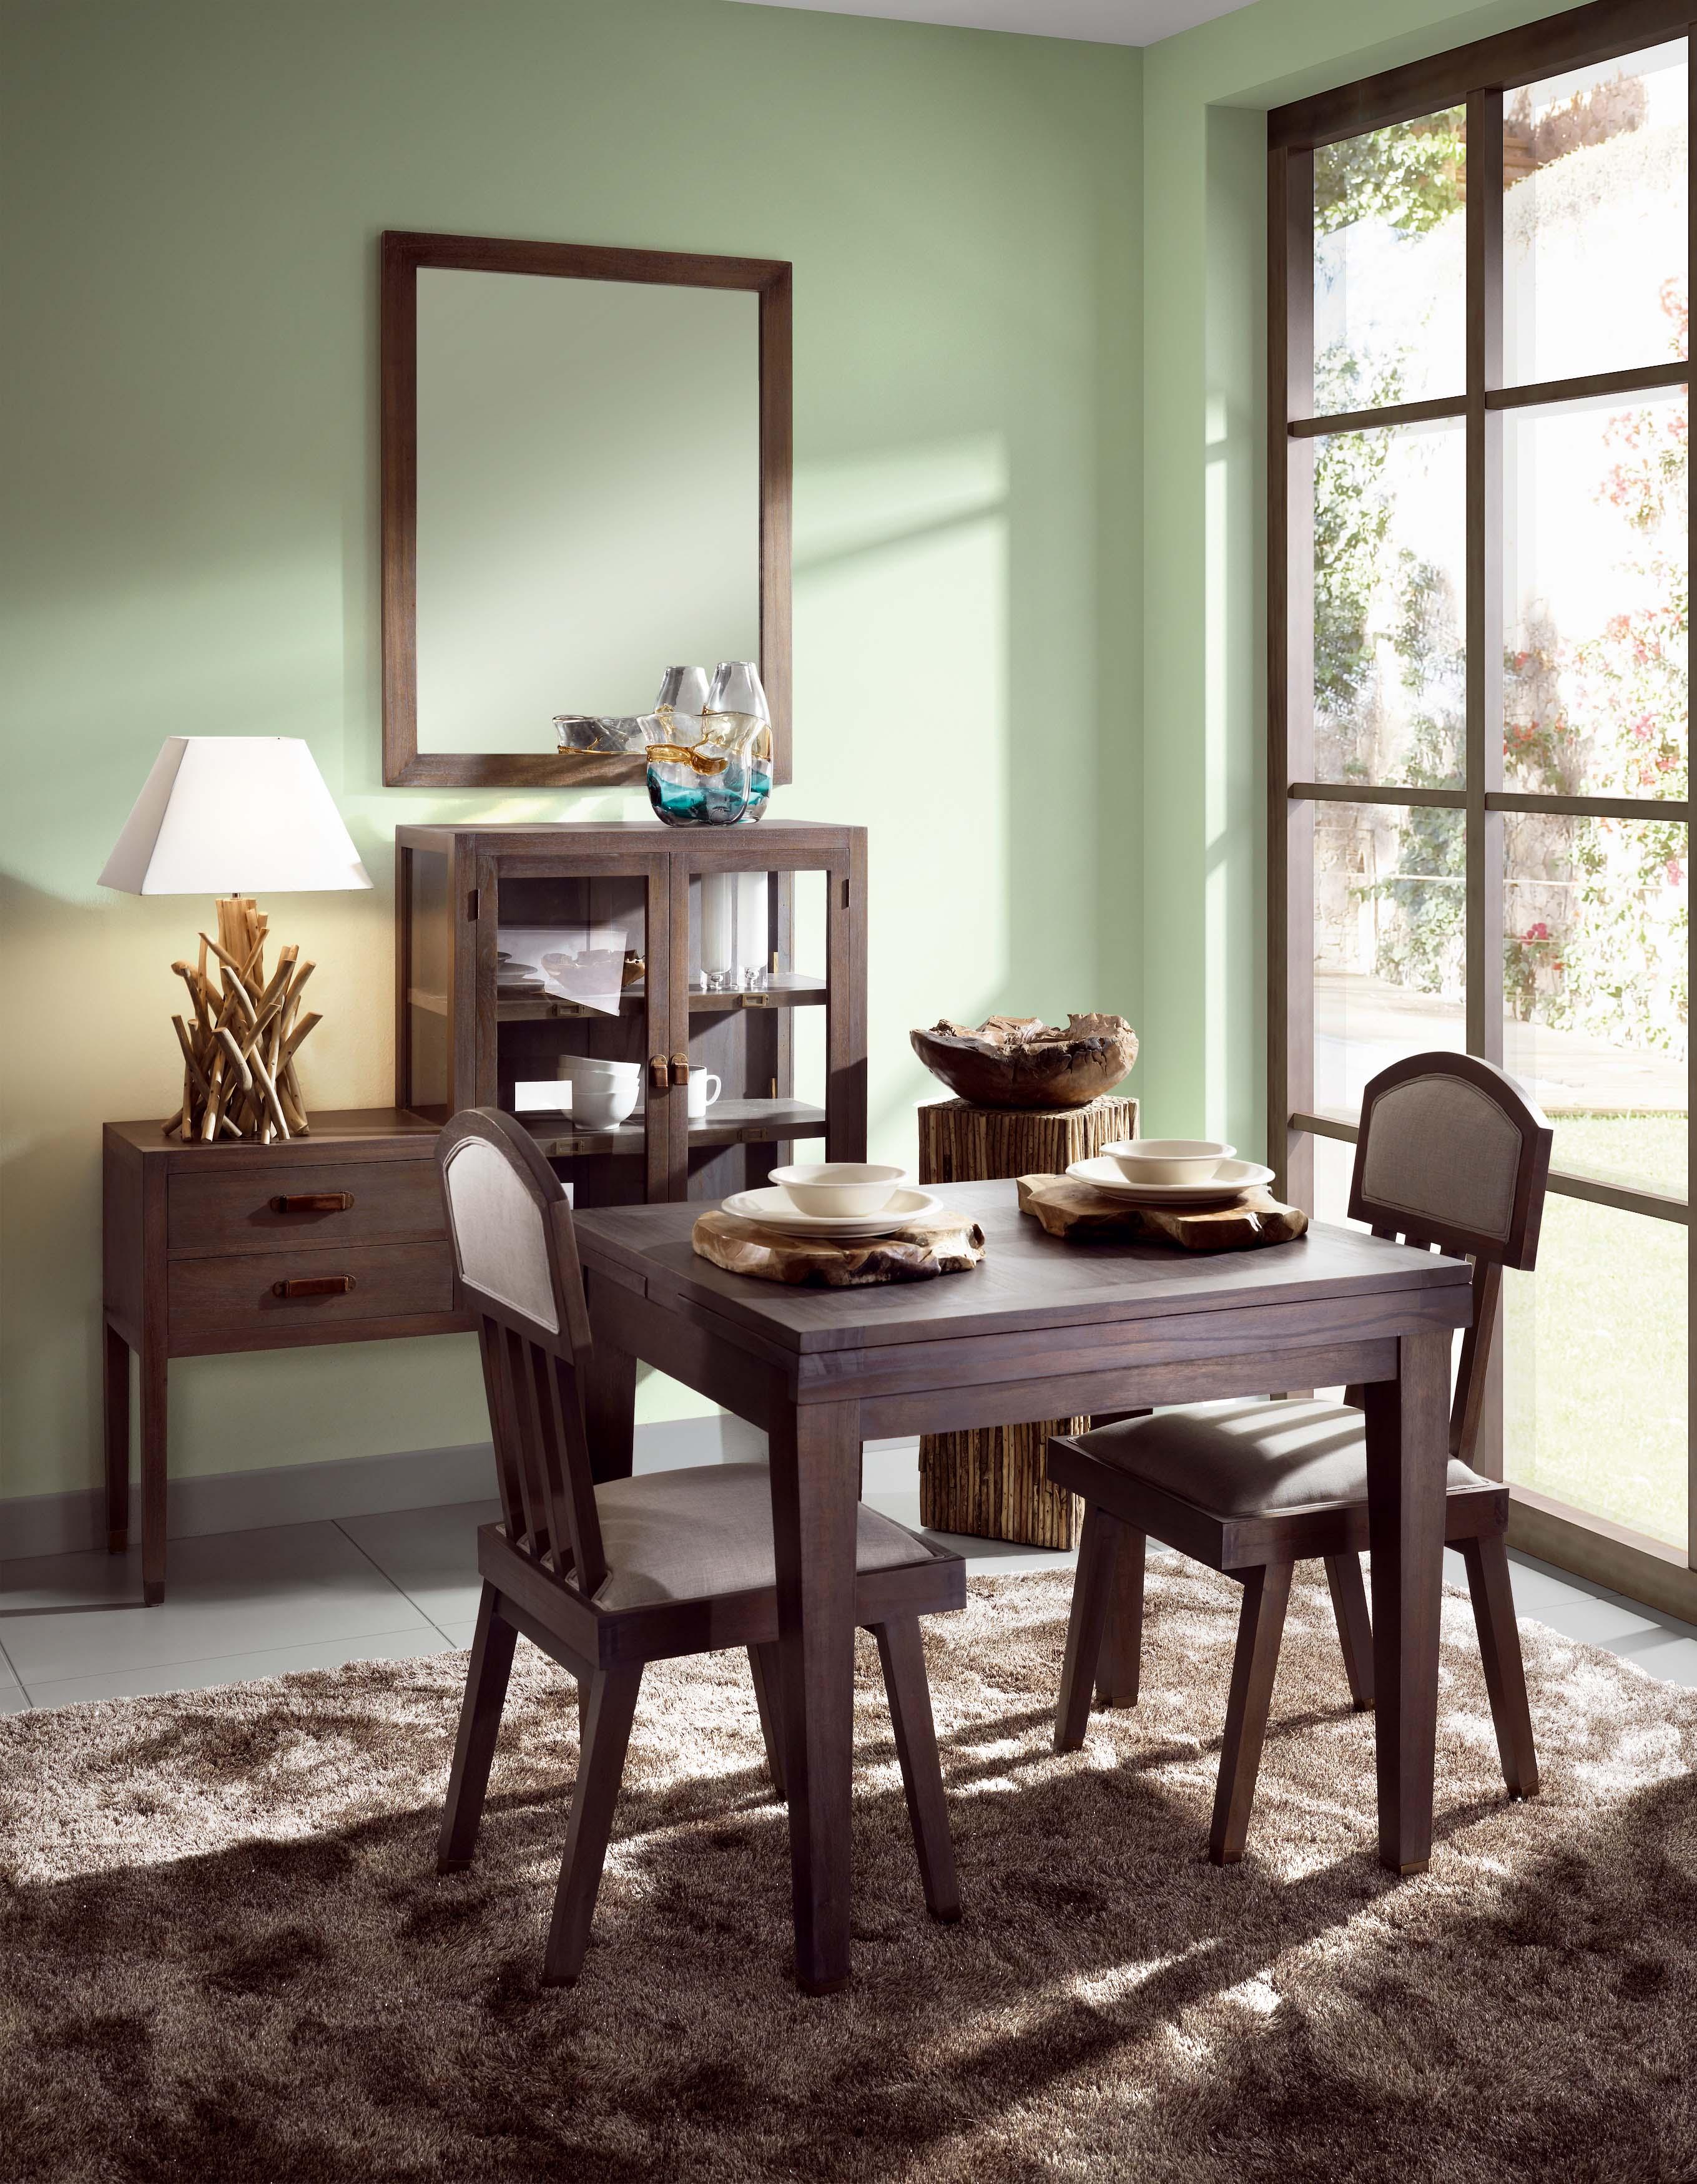 Table salle manger avec rallonge en bois de mindi - Table de salle a manger avec rallonge ...